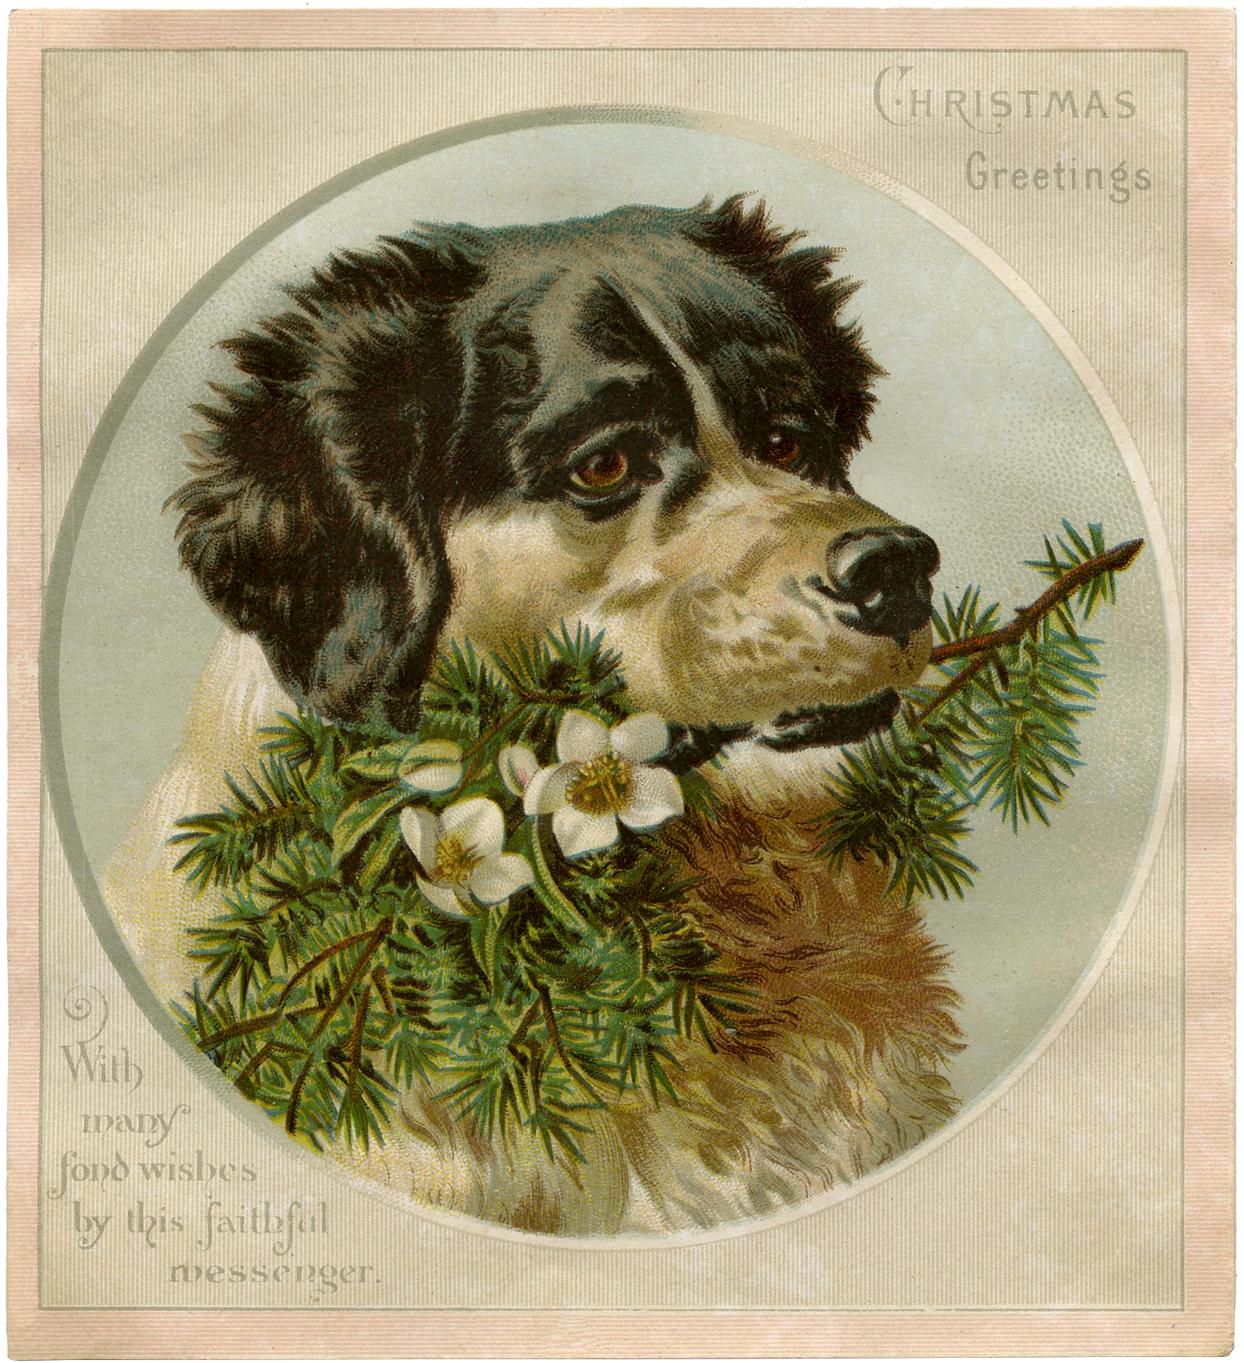 Dog christmas cards | Etsy